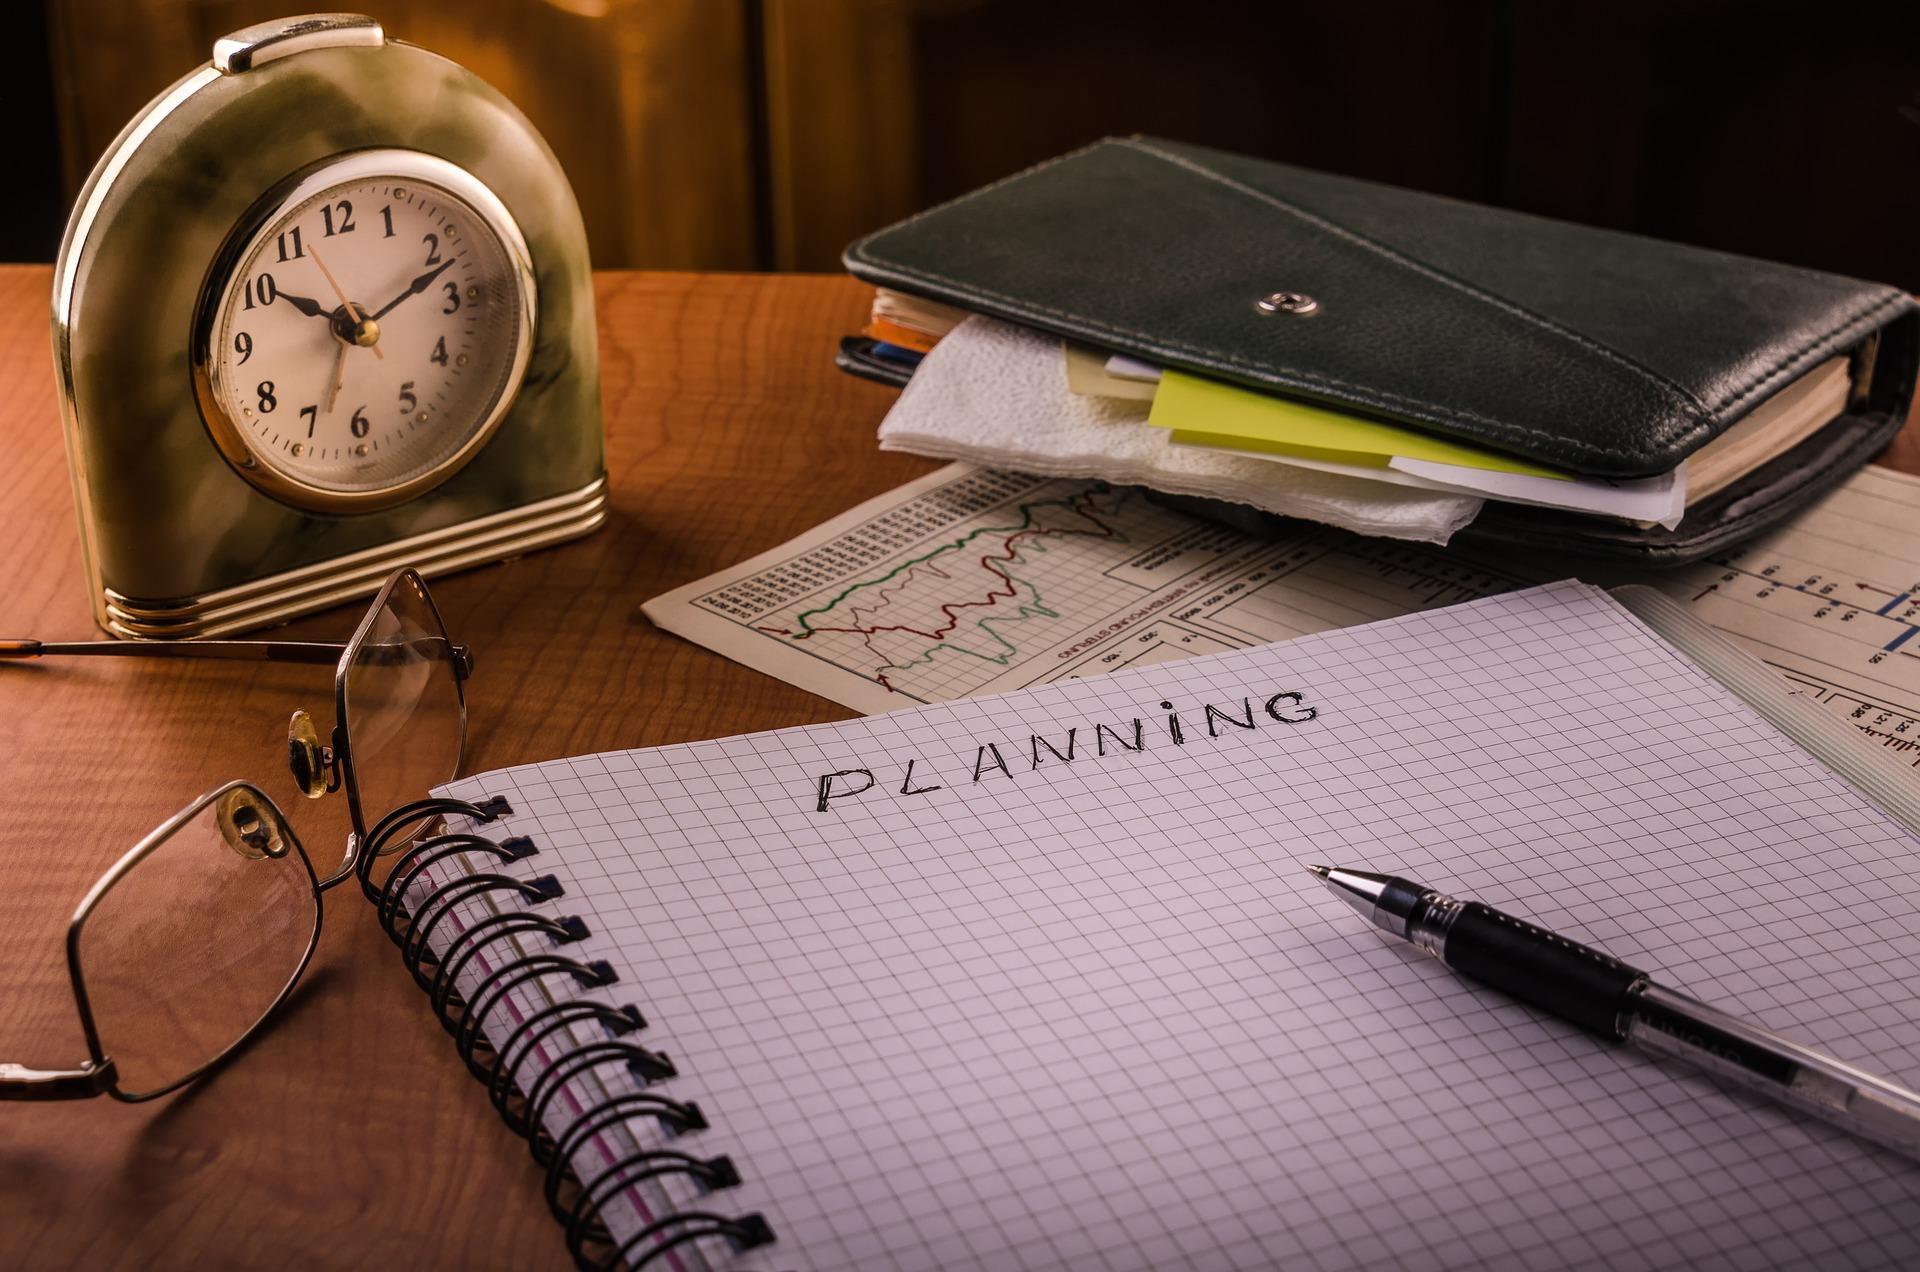 學習成效是被設計出來的!3個角度評估混成學習成效